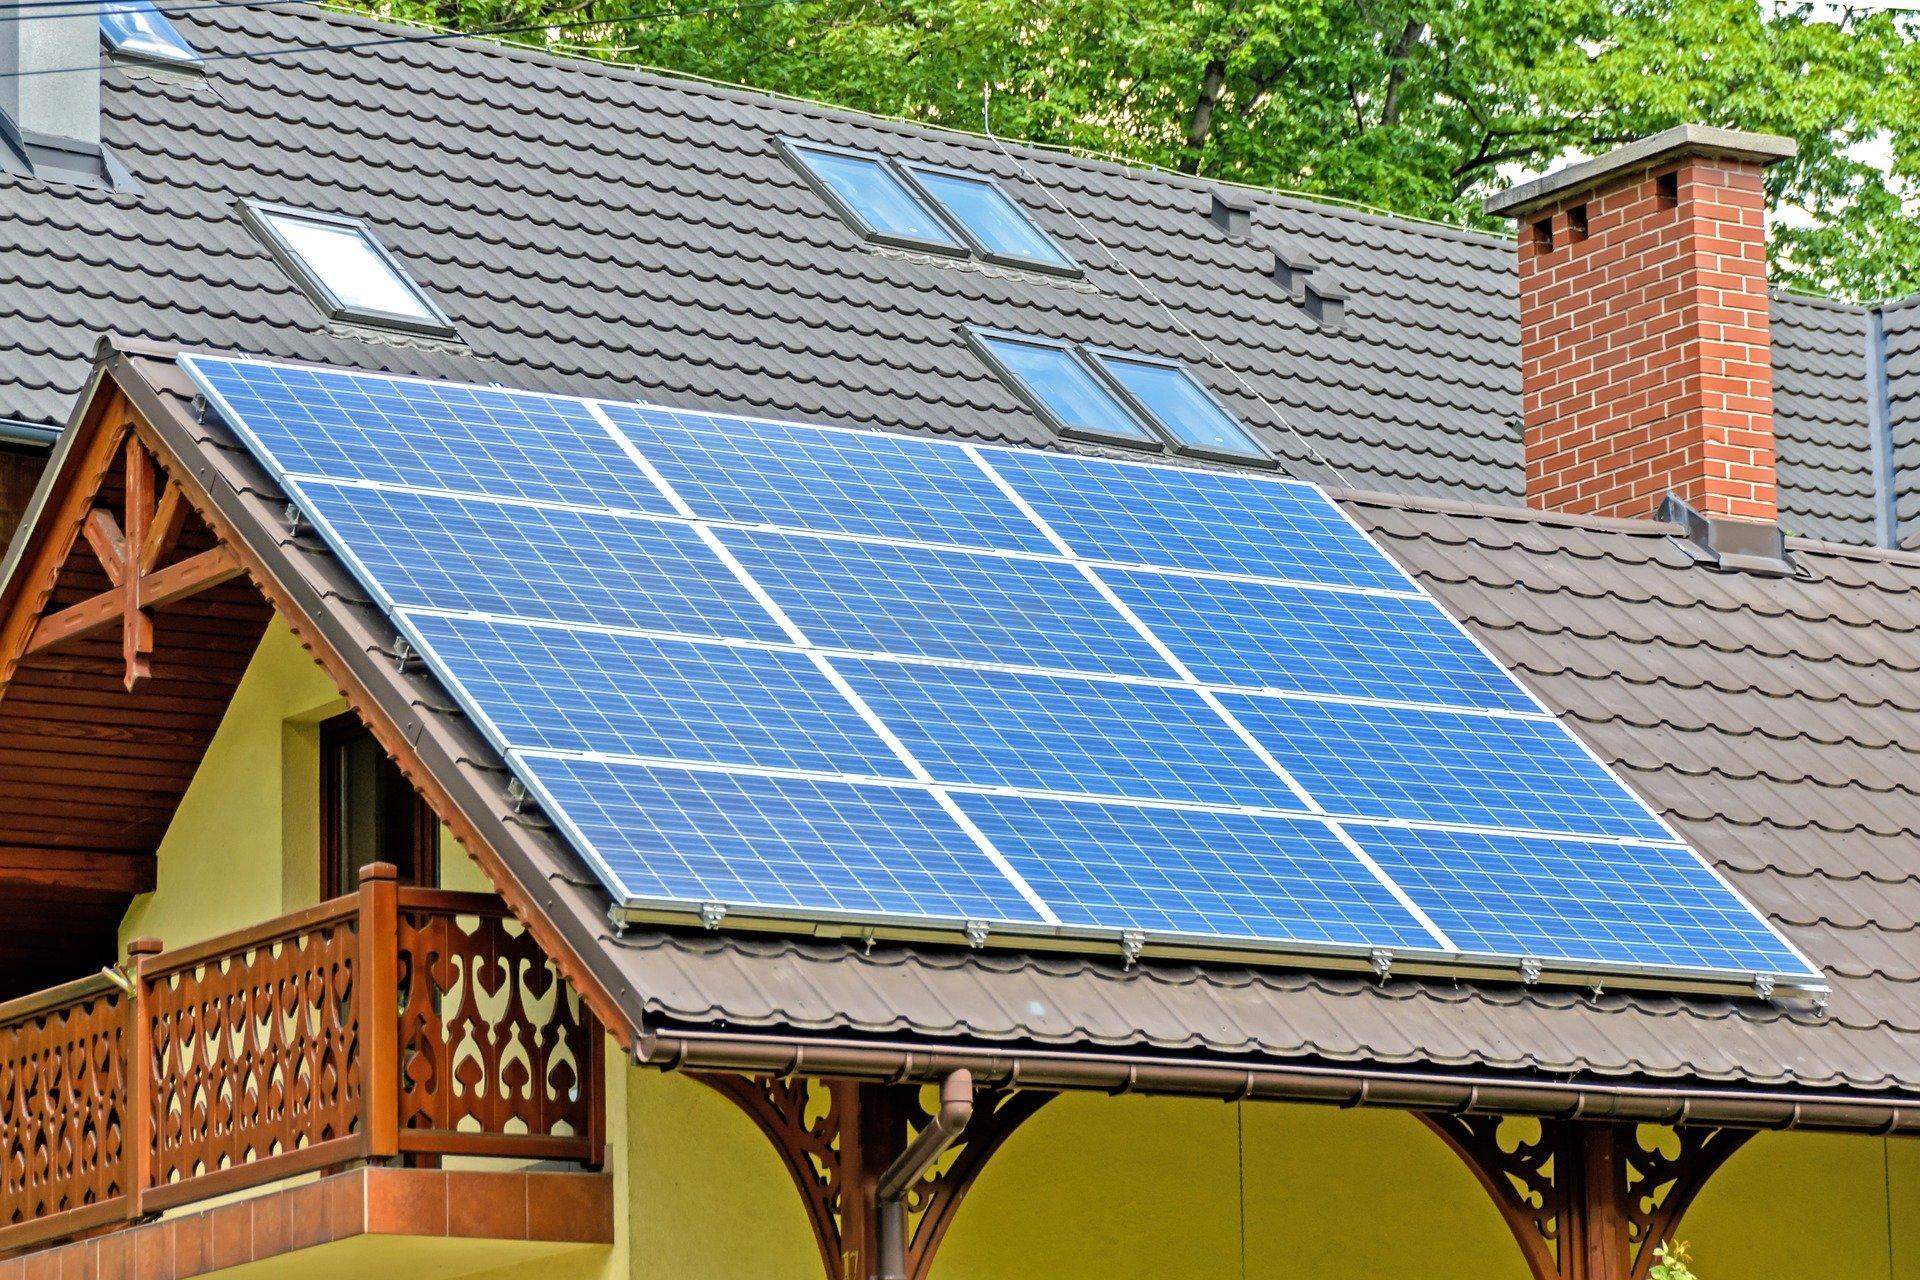 instalación de placas solares para una vivienda